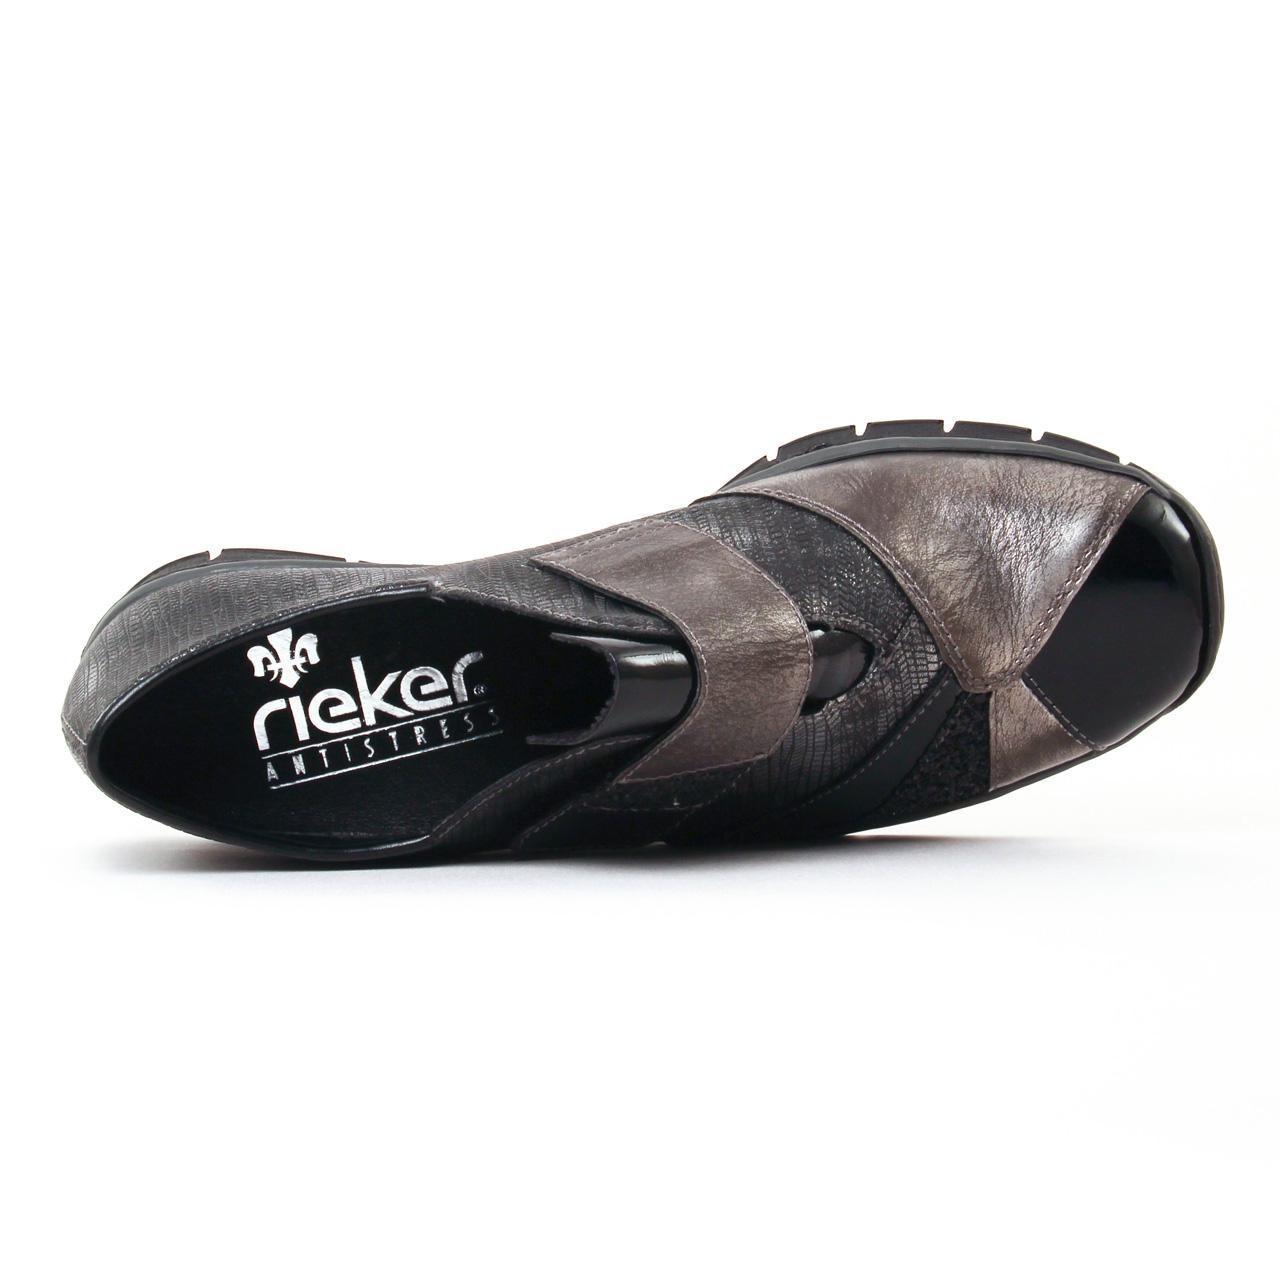 Rieker 537C1 Noir | mocassin trotteurs noir argent automne